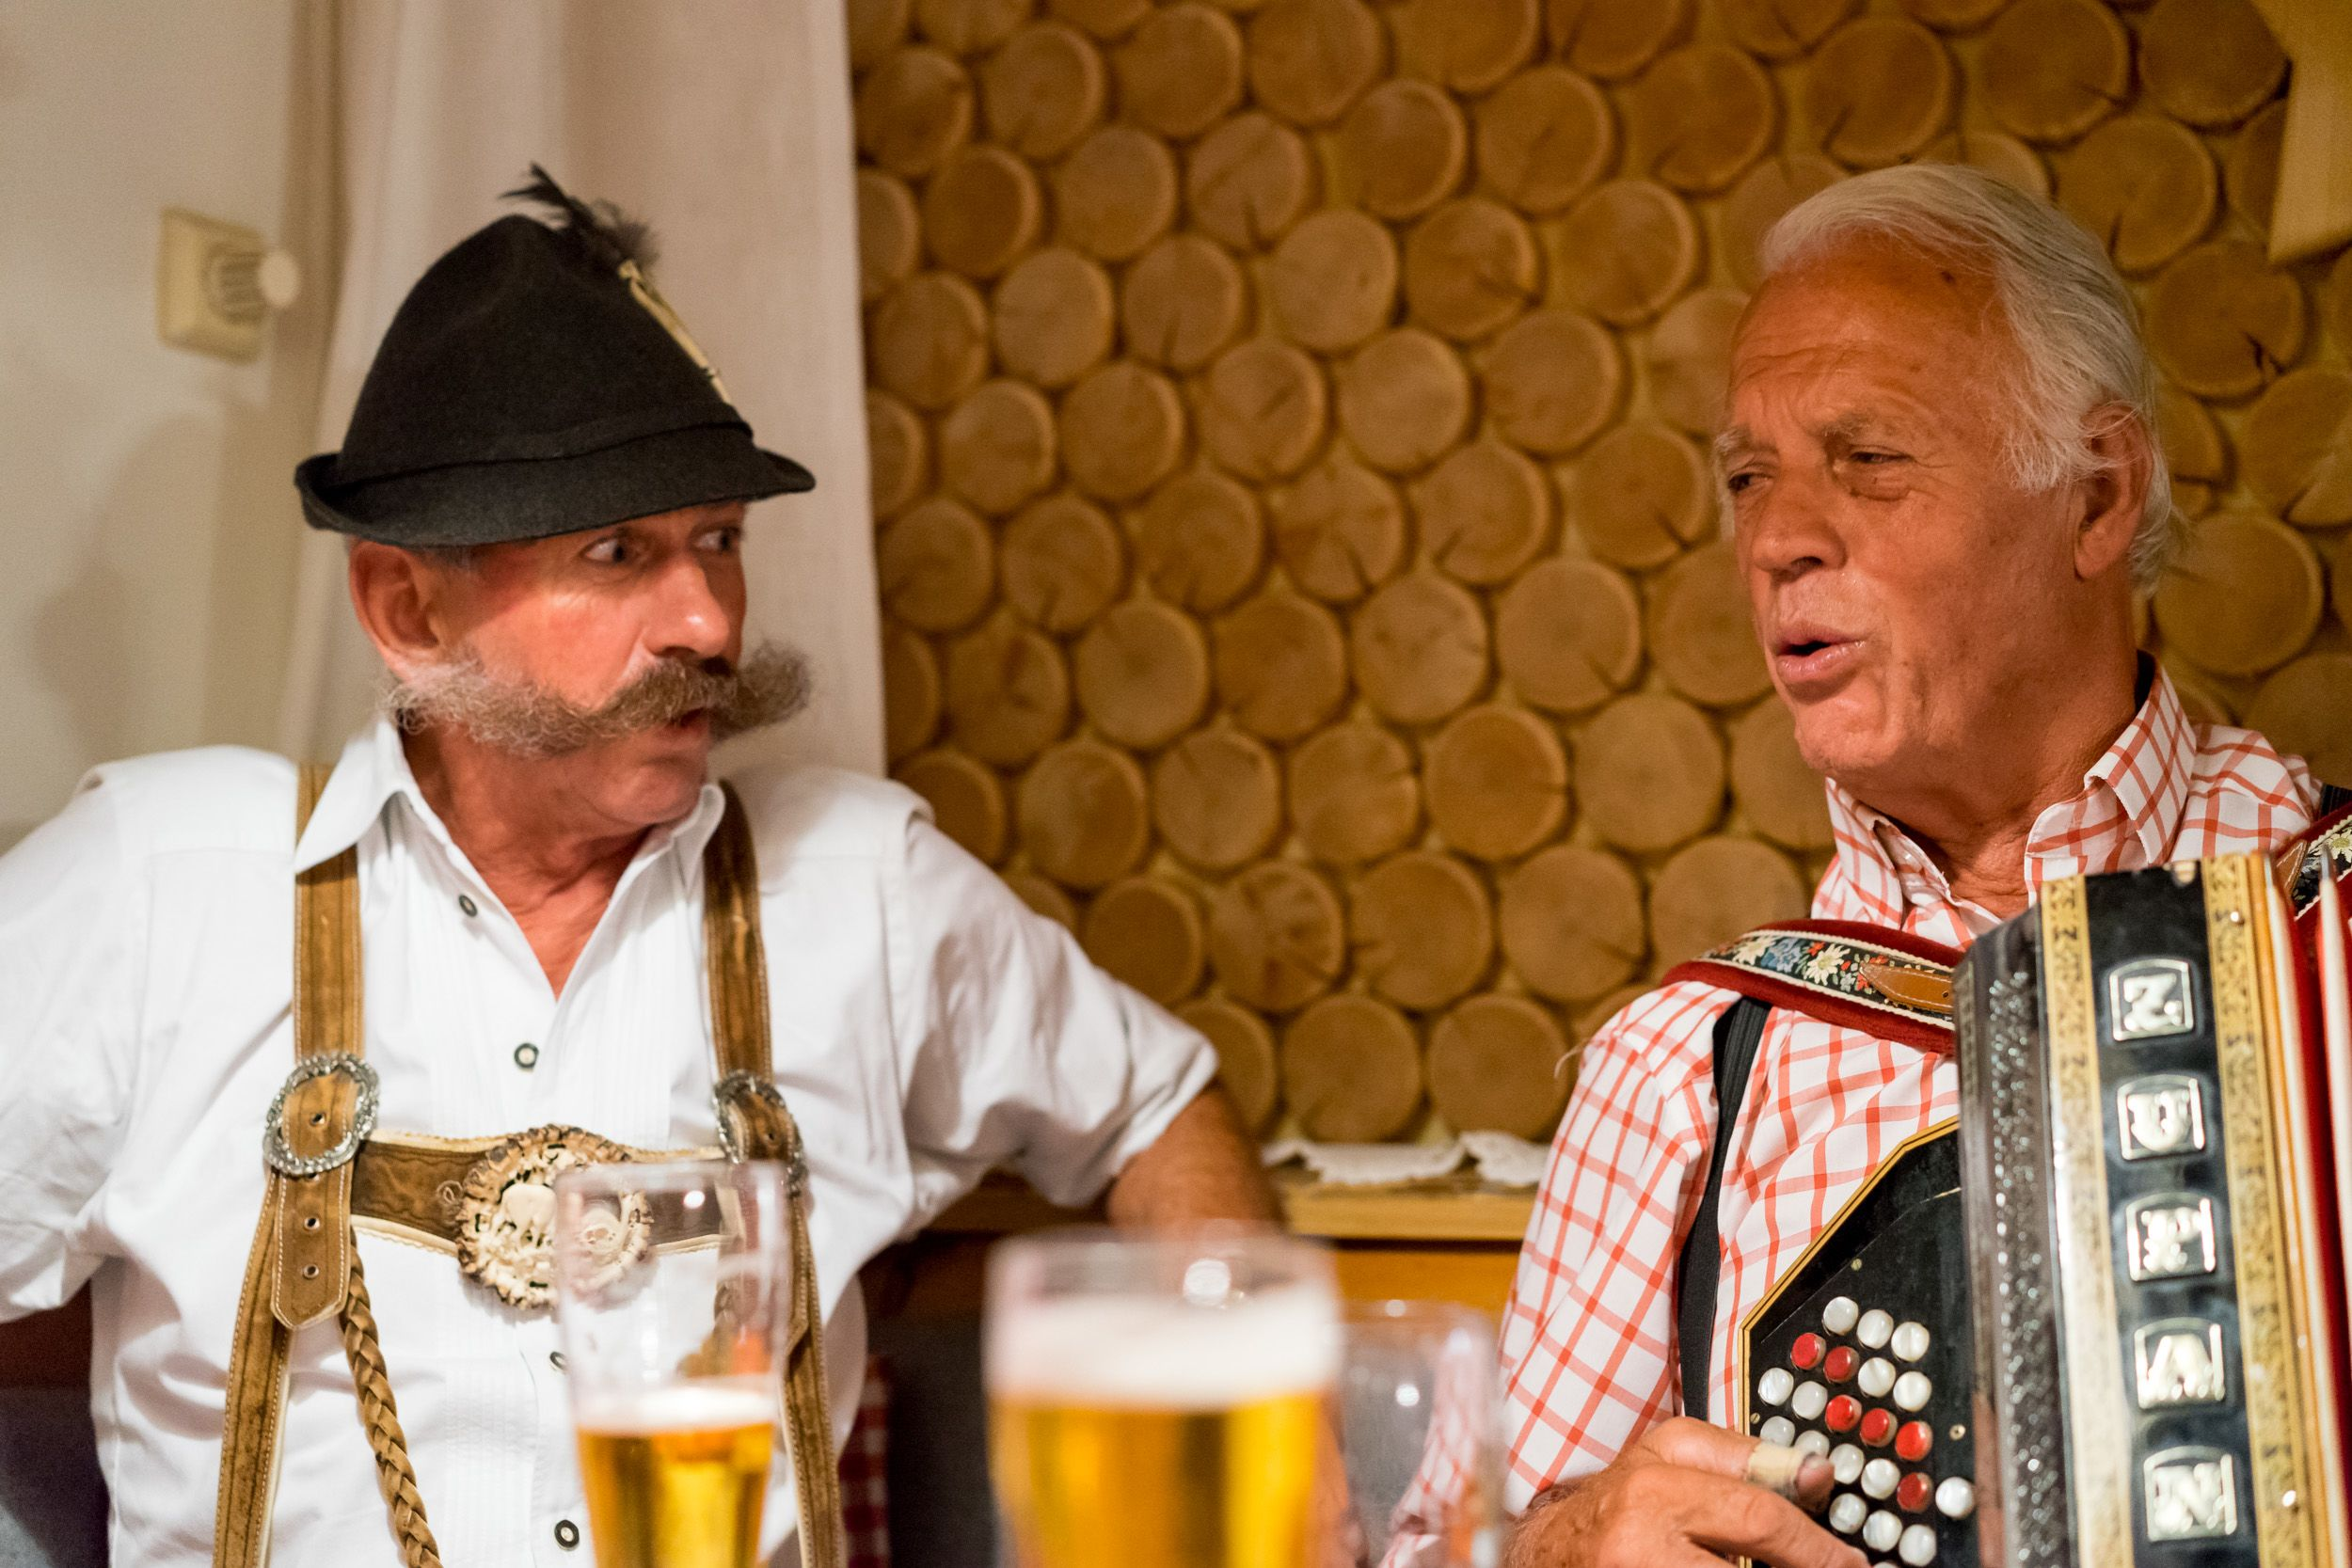 Musik-Abend mit Seniorchef Werner